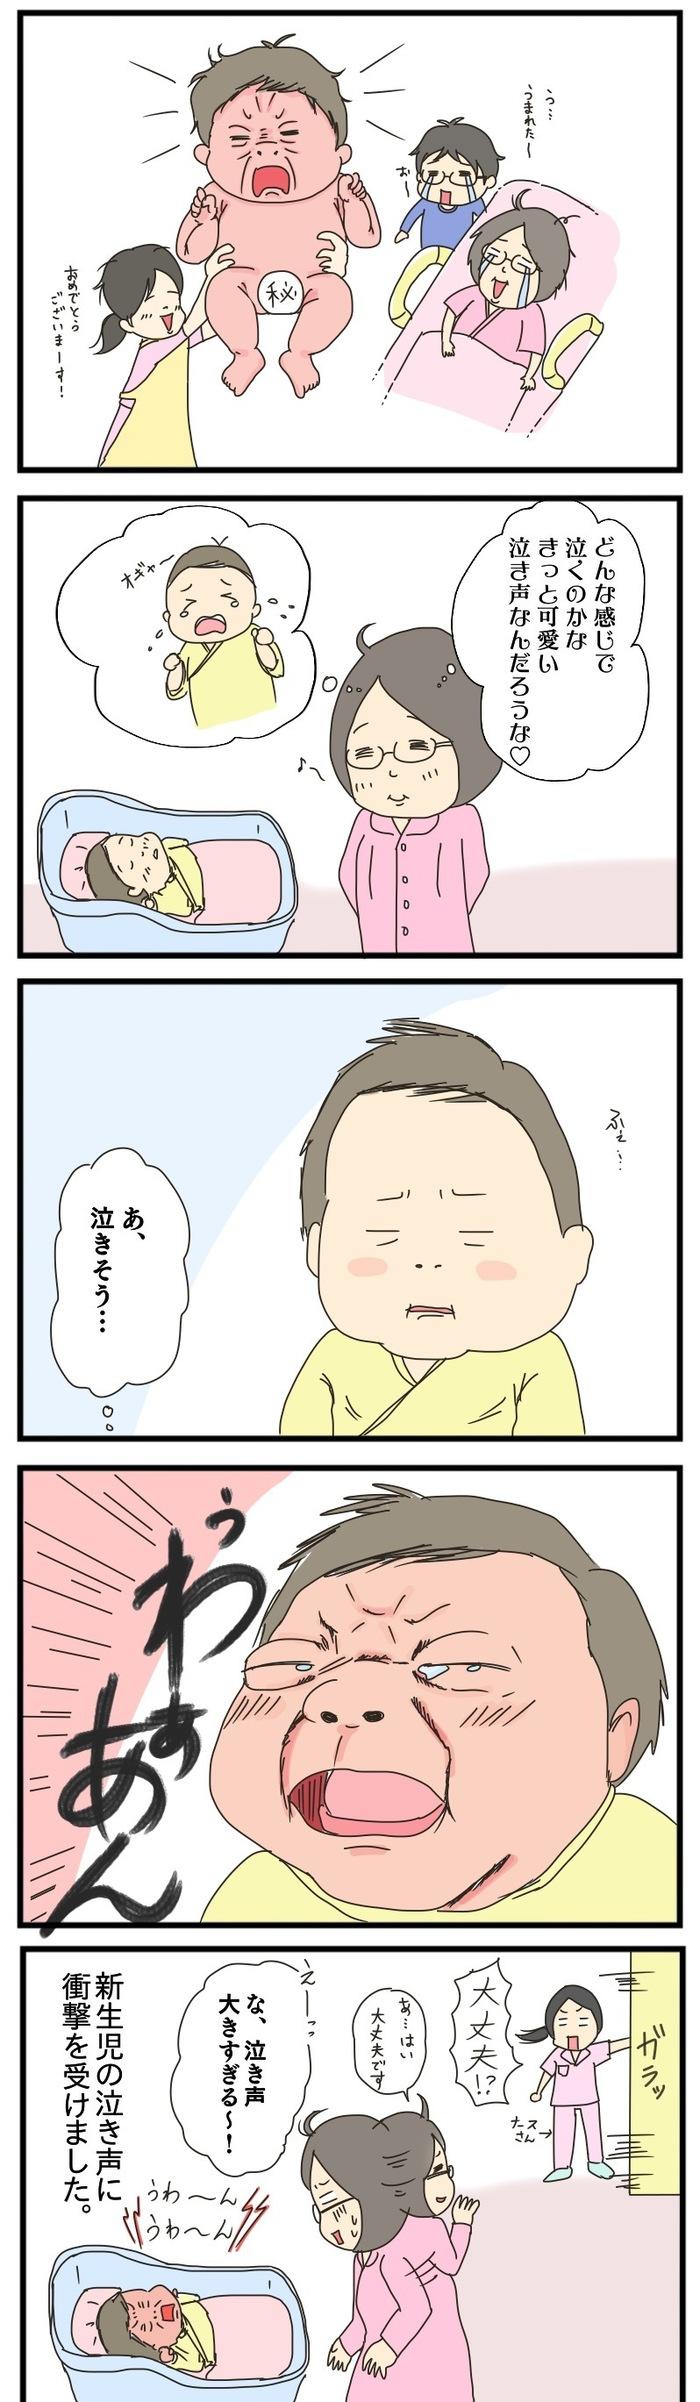 おっさんみたいな顔してる!?赤ちゃんを産んで衝撃だったことの画像1